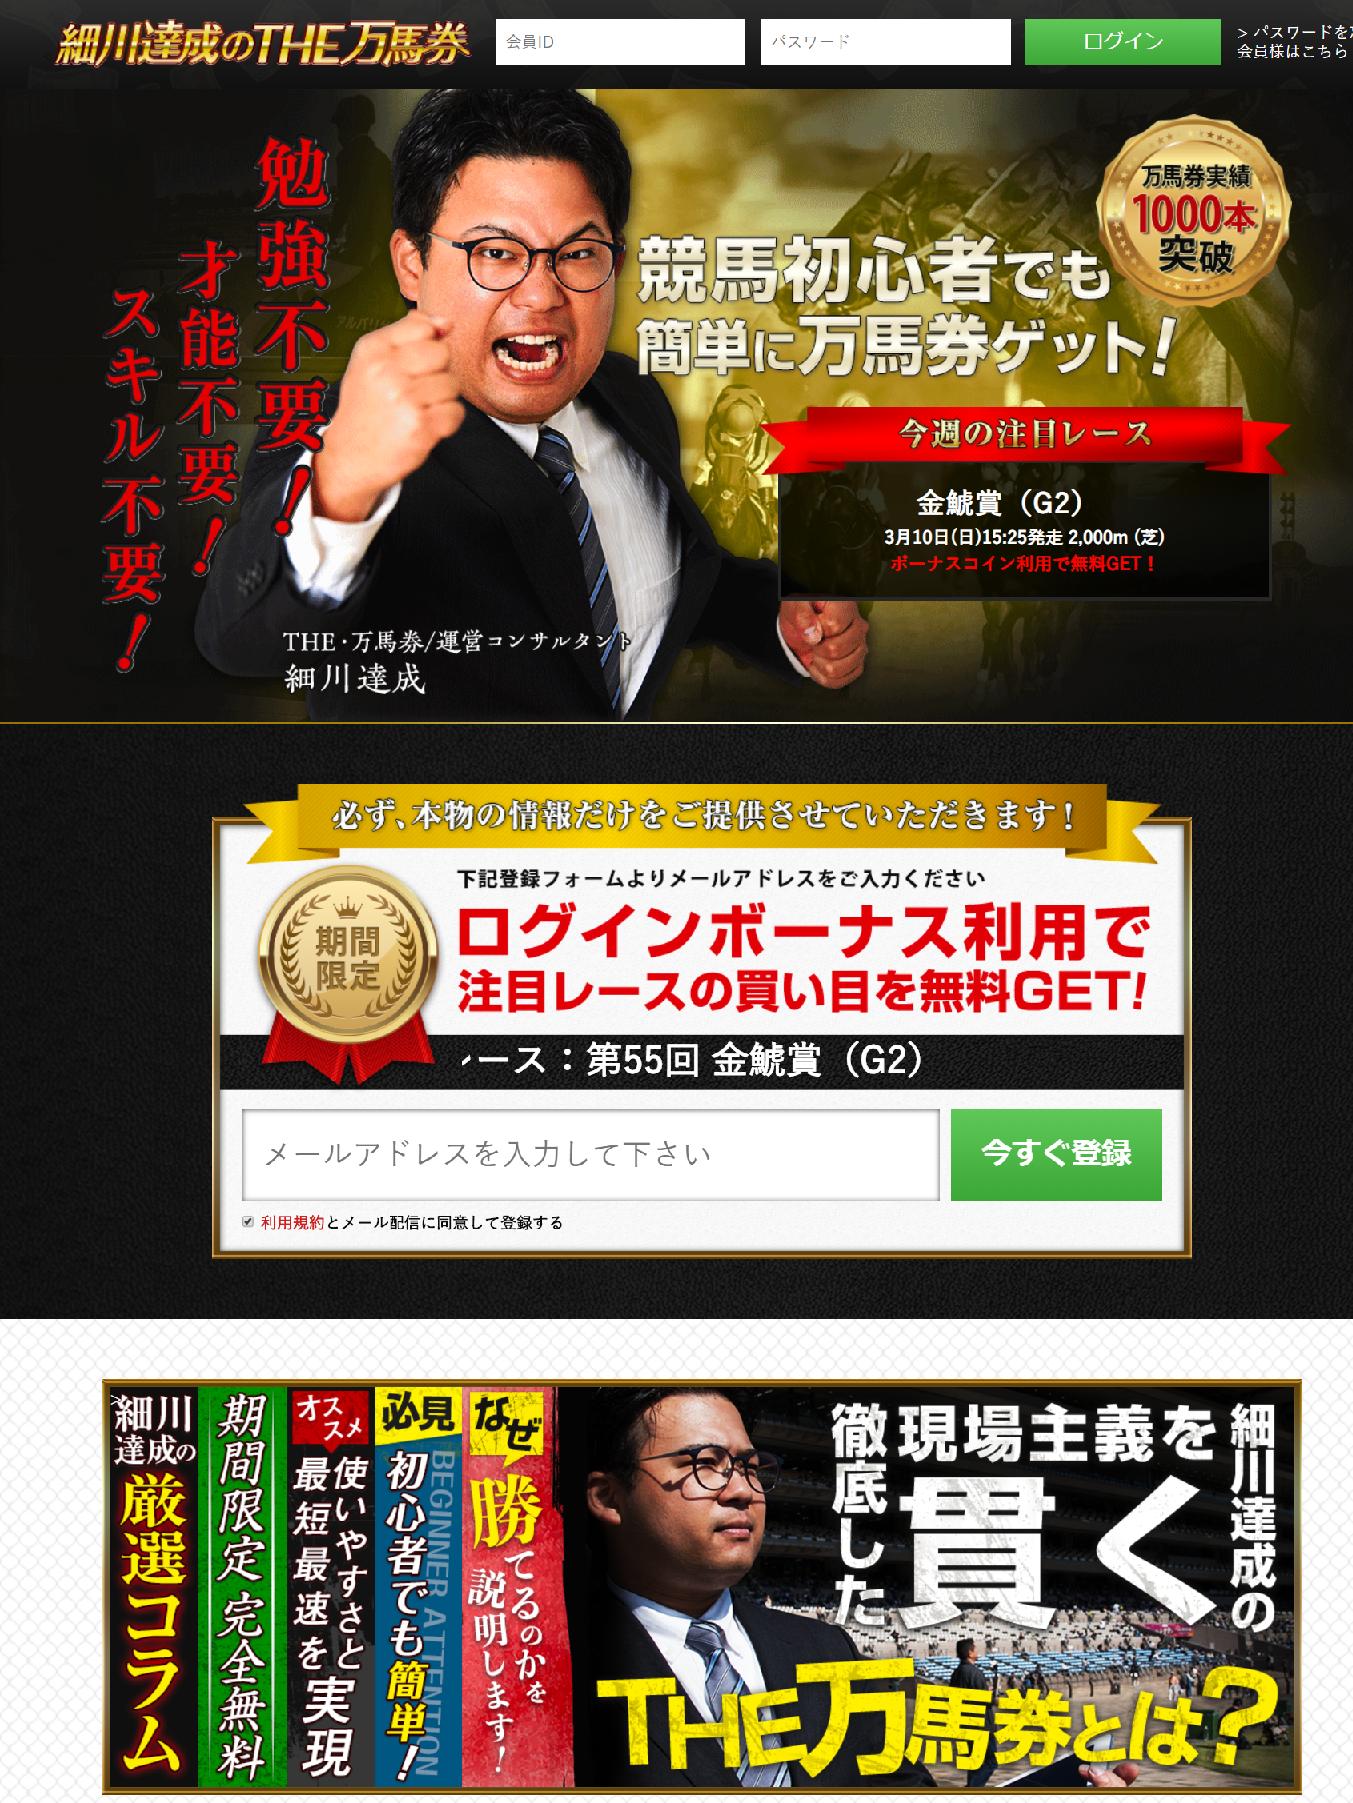 細川達成のTHE・万馬券!の口コミ・評判・評価